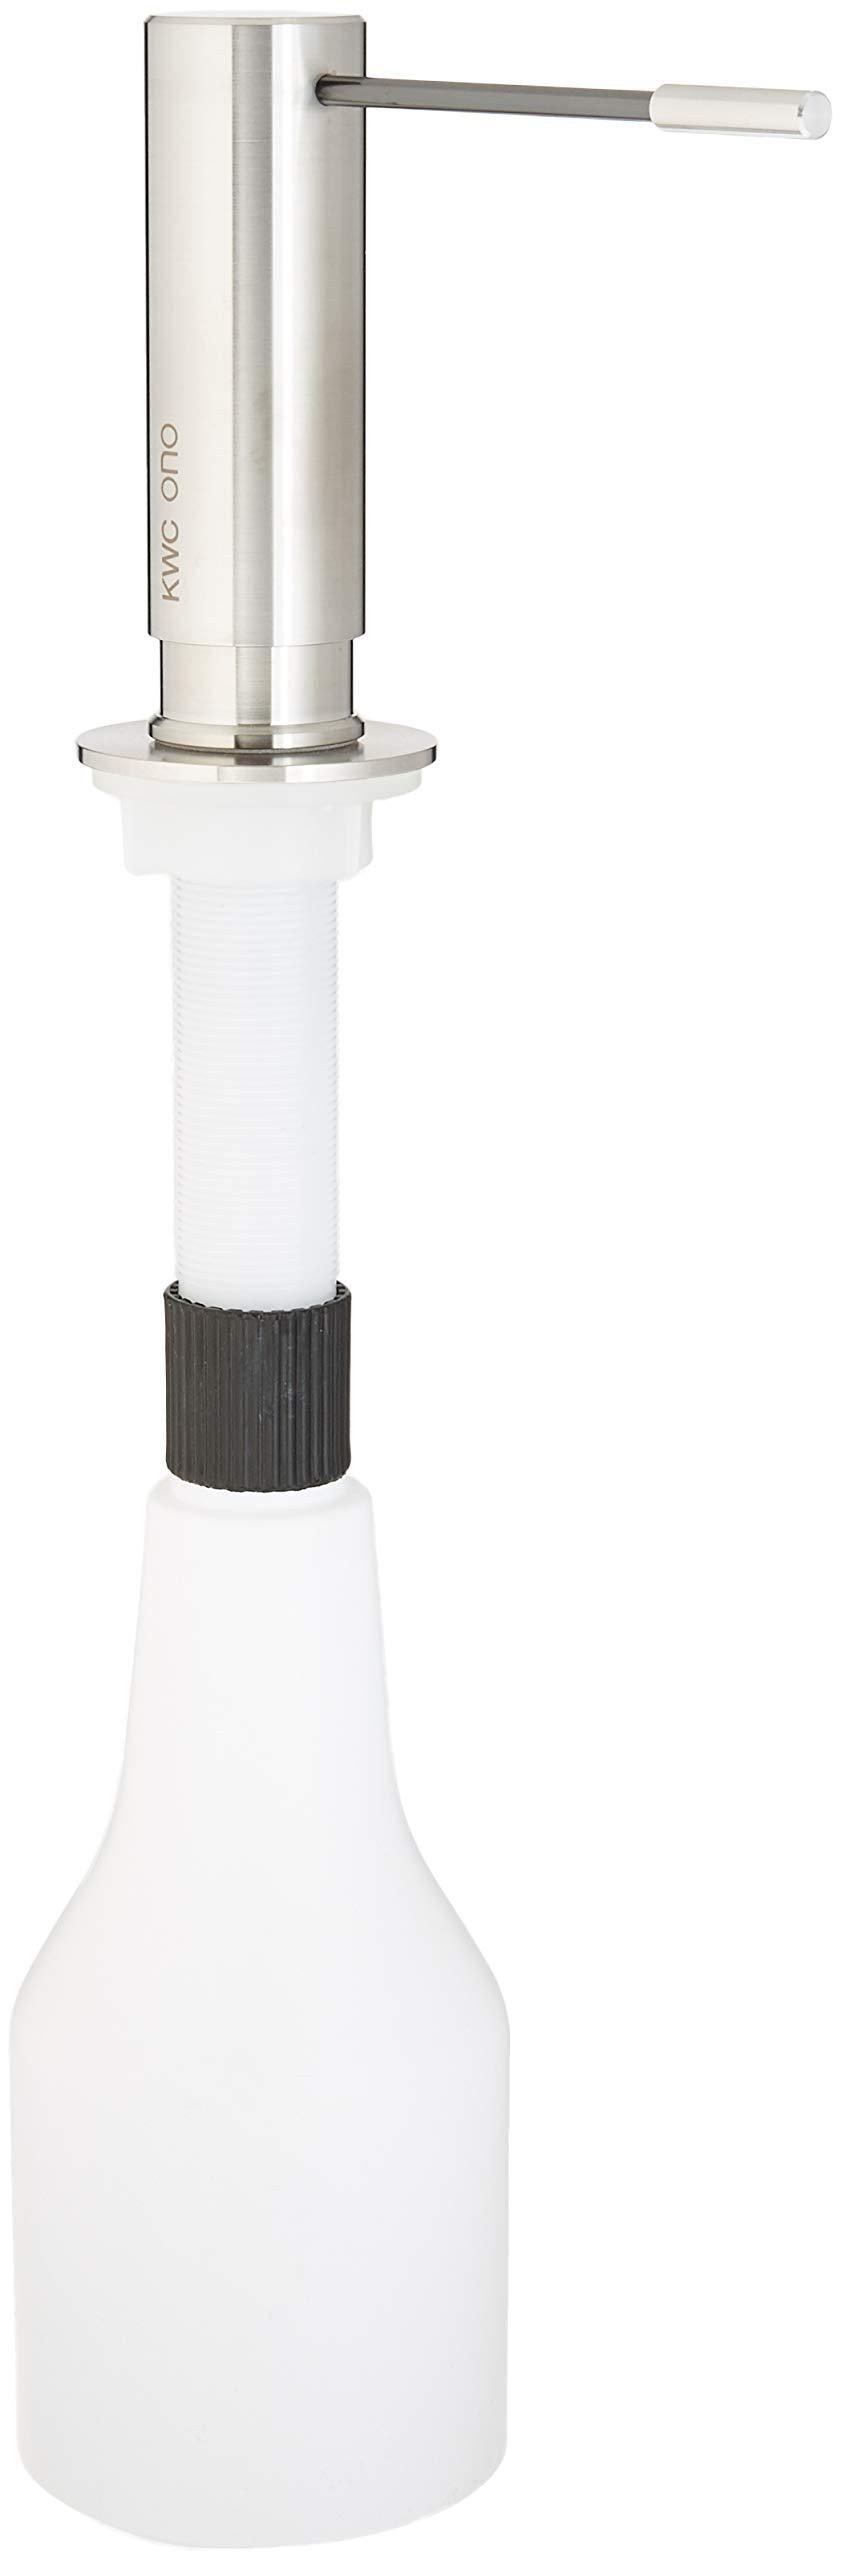 KWC Faucets Z.536.060.700 ONO Soap Dispenser, Steel